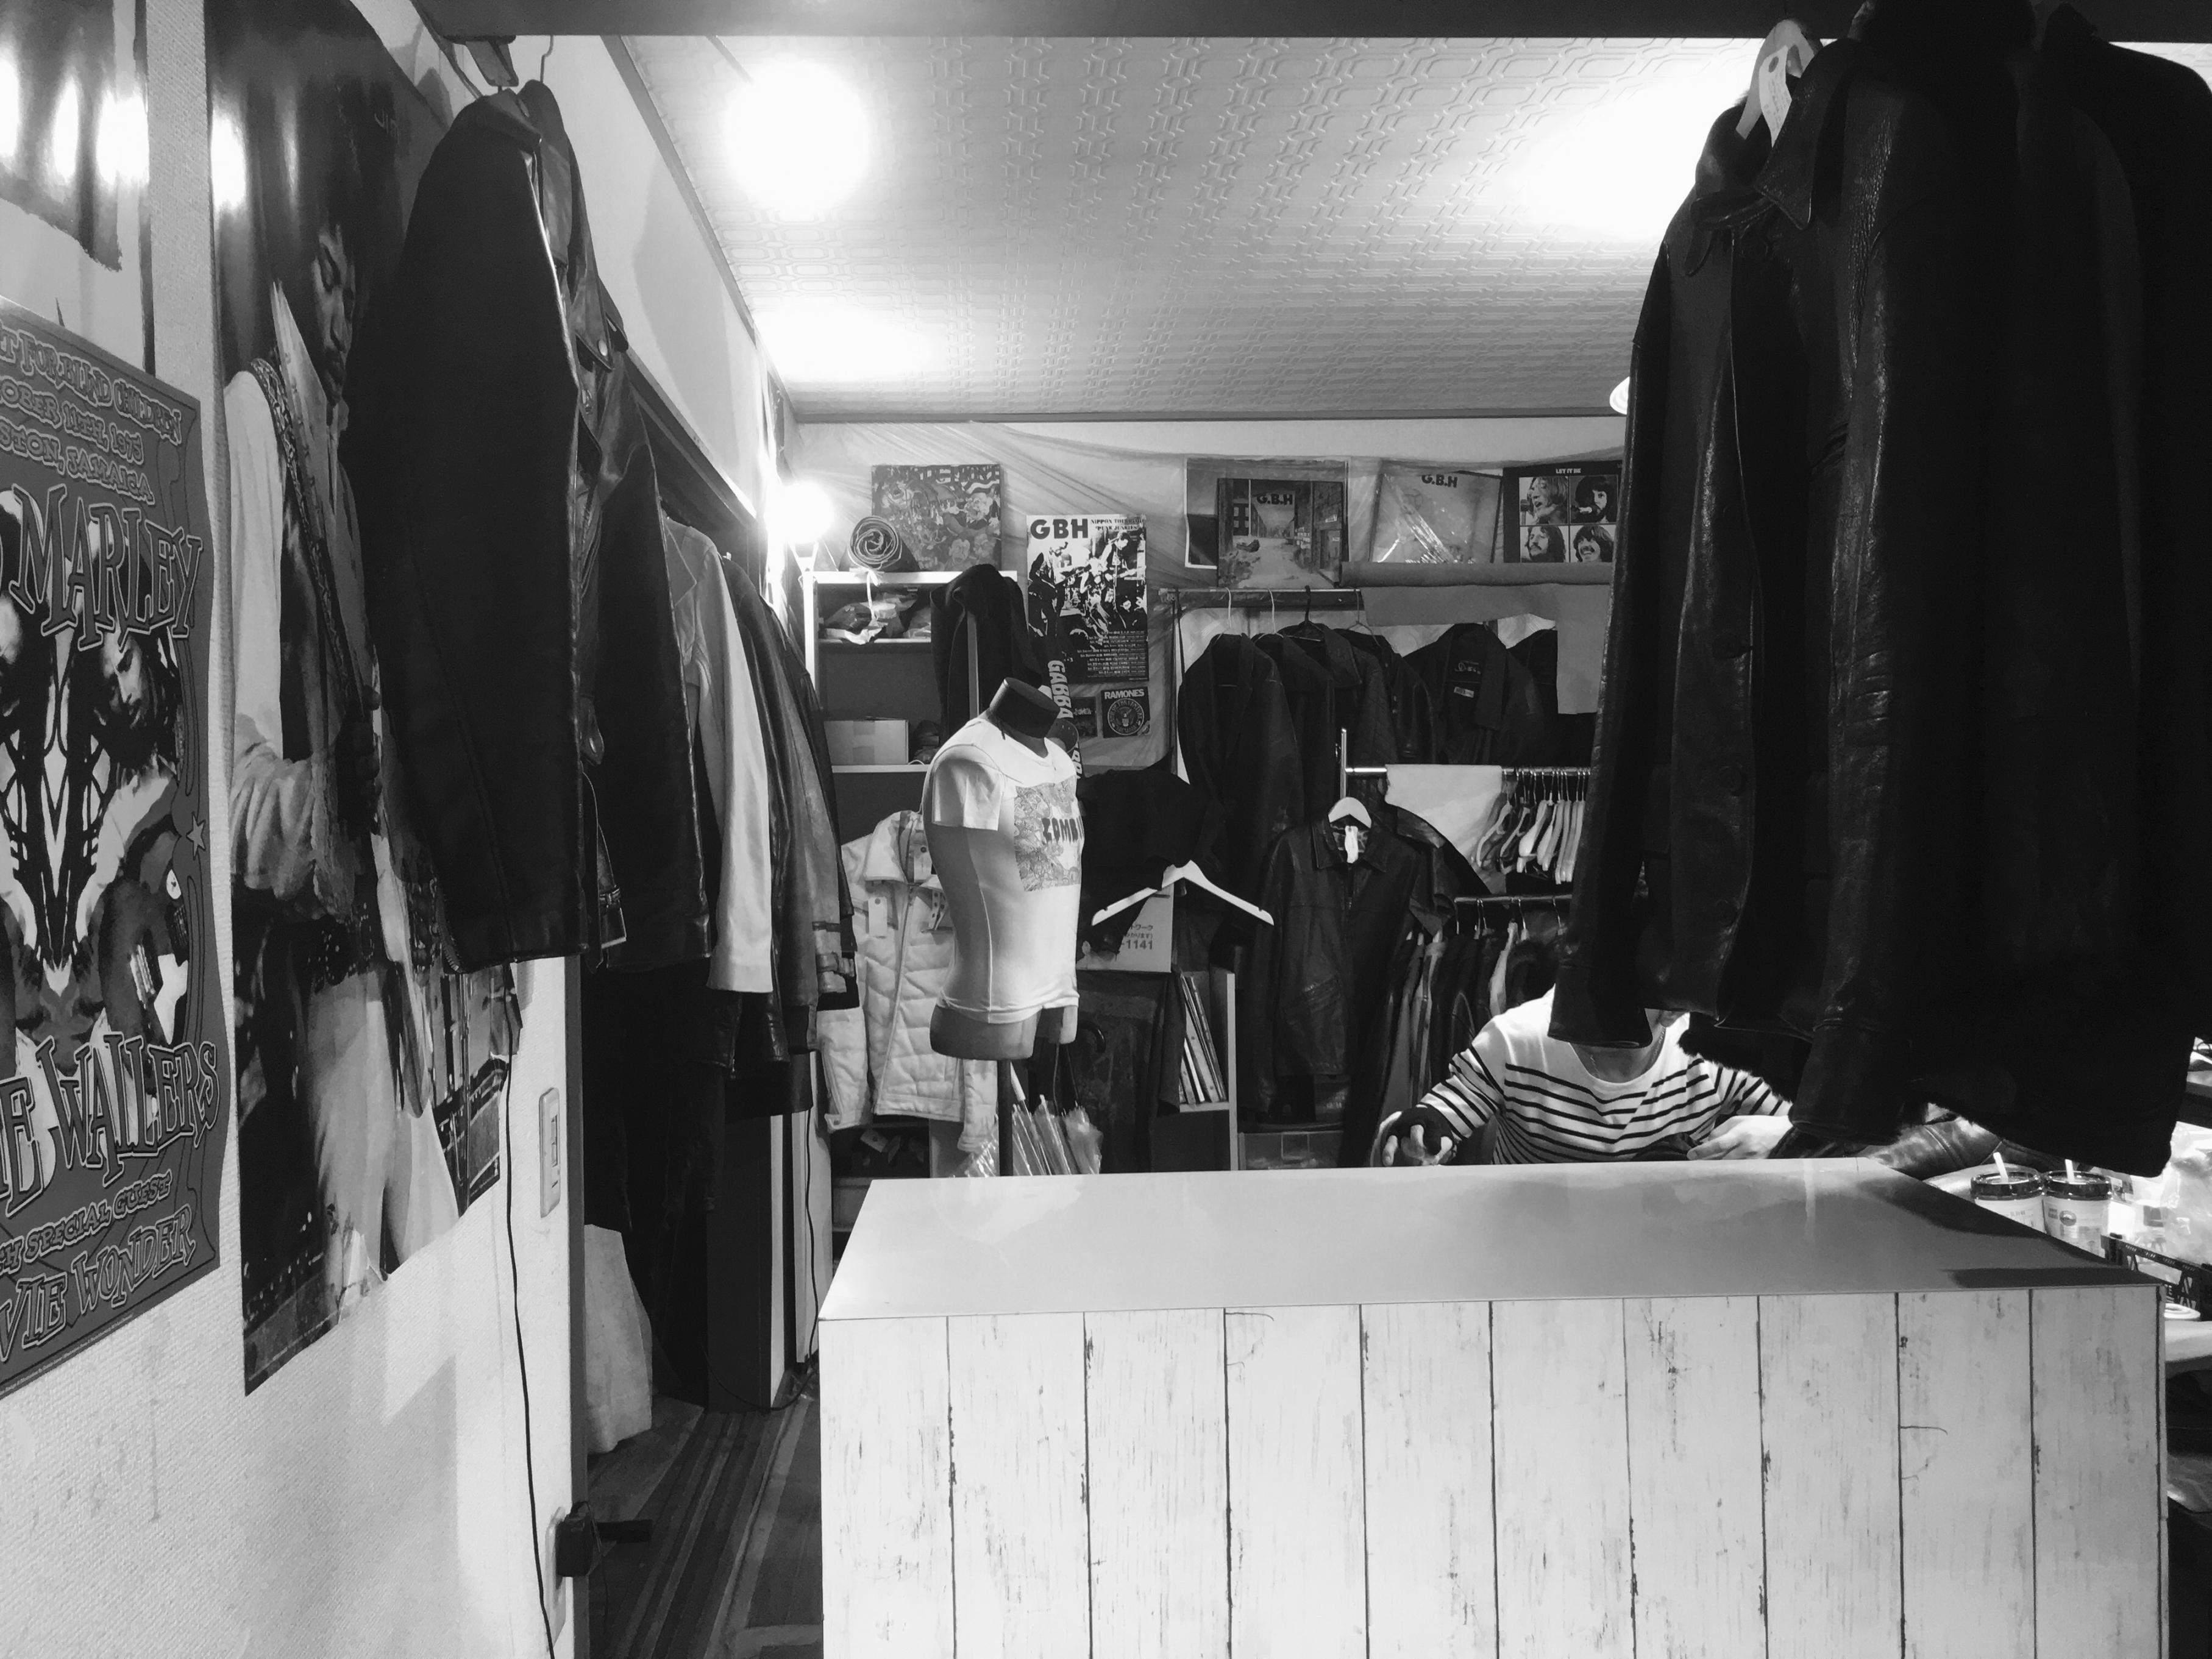 YSR本店 店内の写真